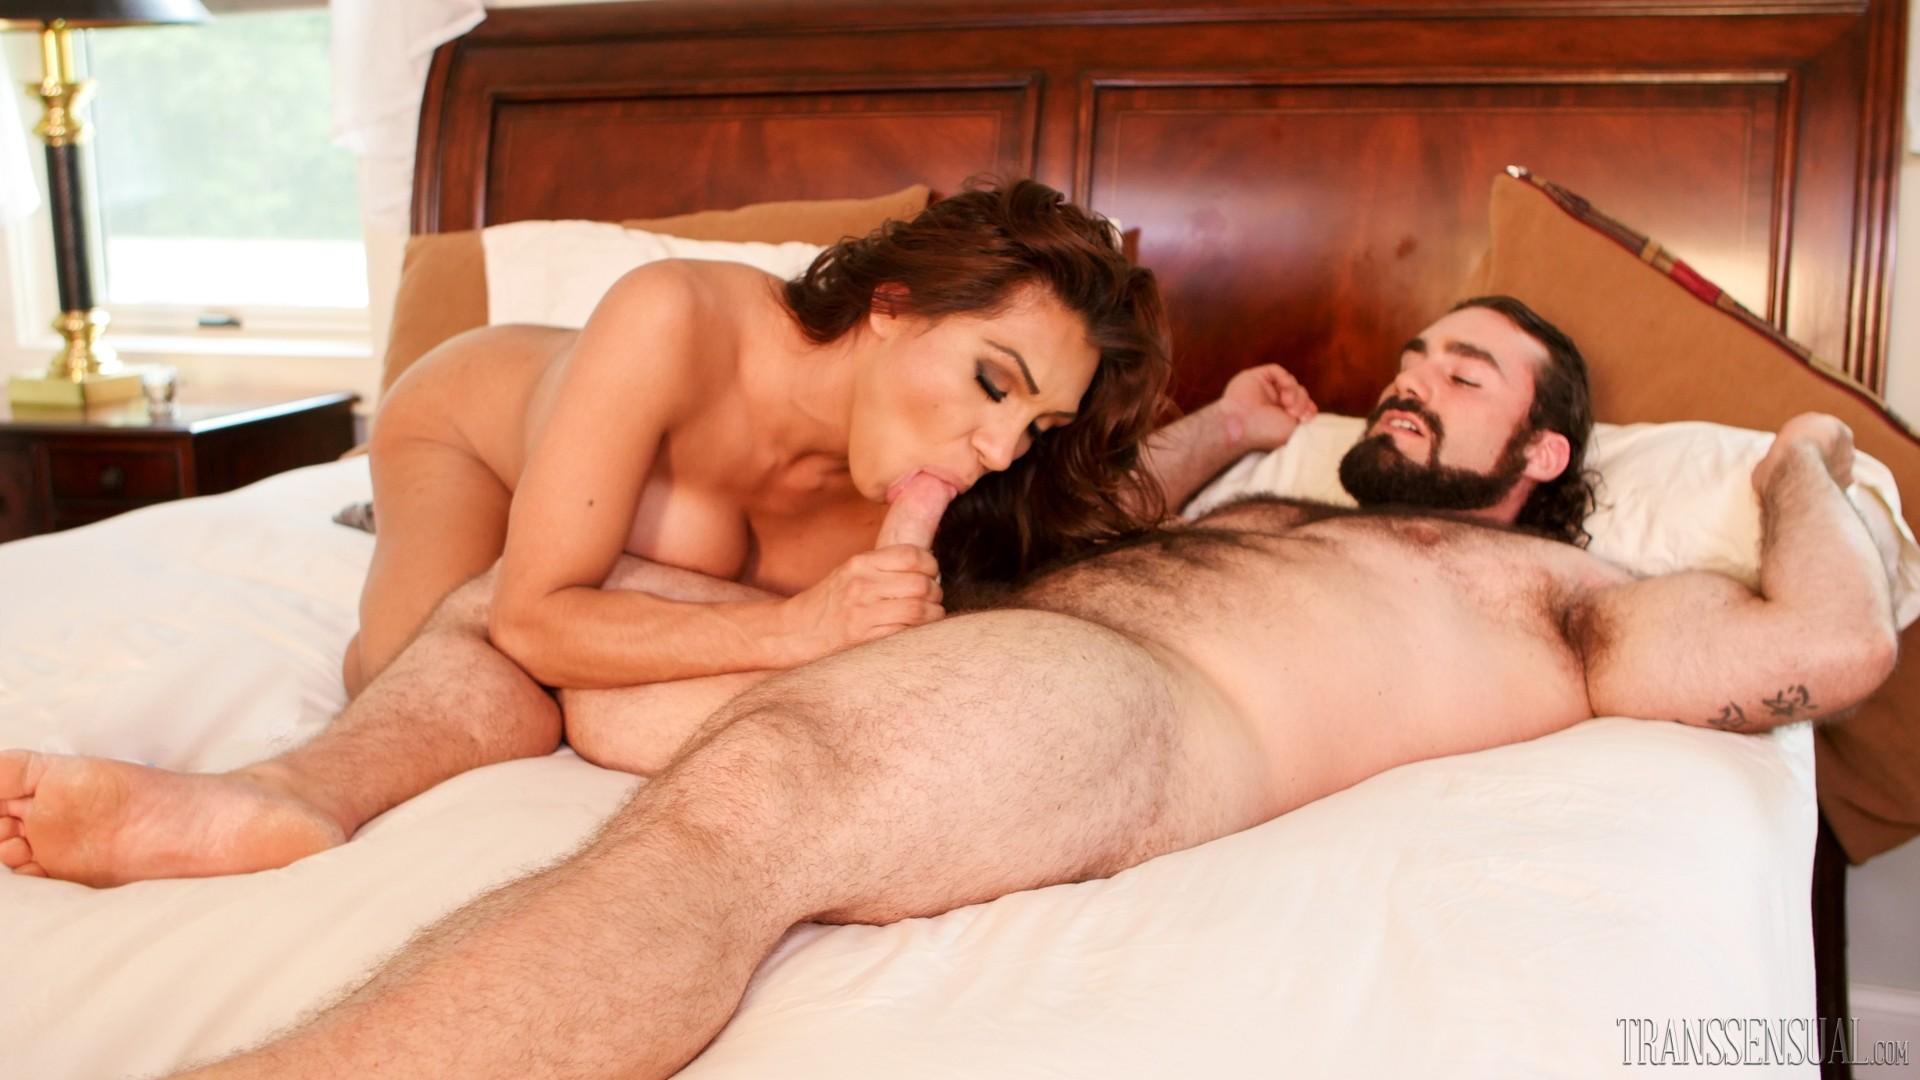 Bearfilms daddy marc angelo hairy bears xxx abuse